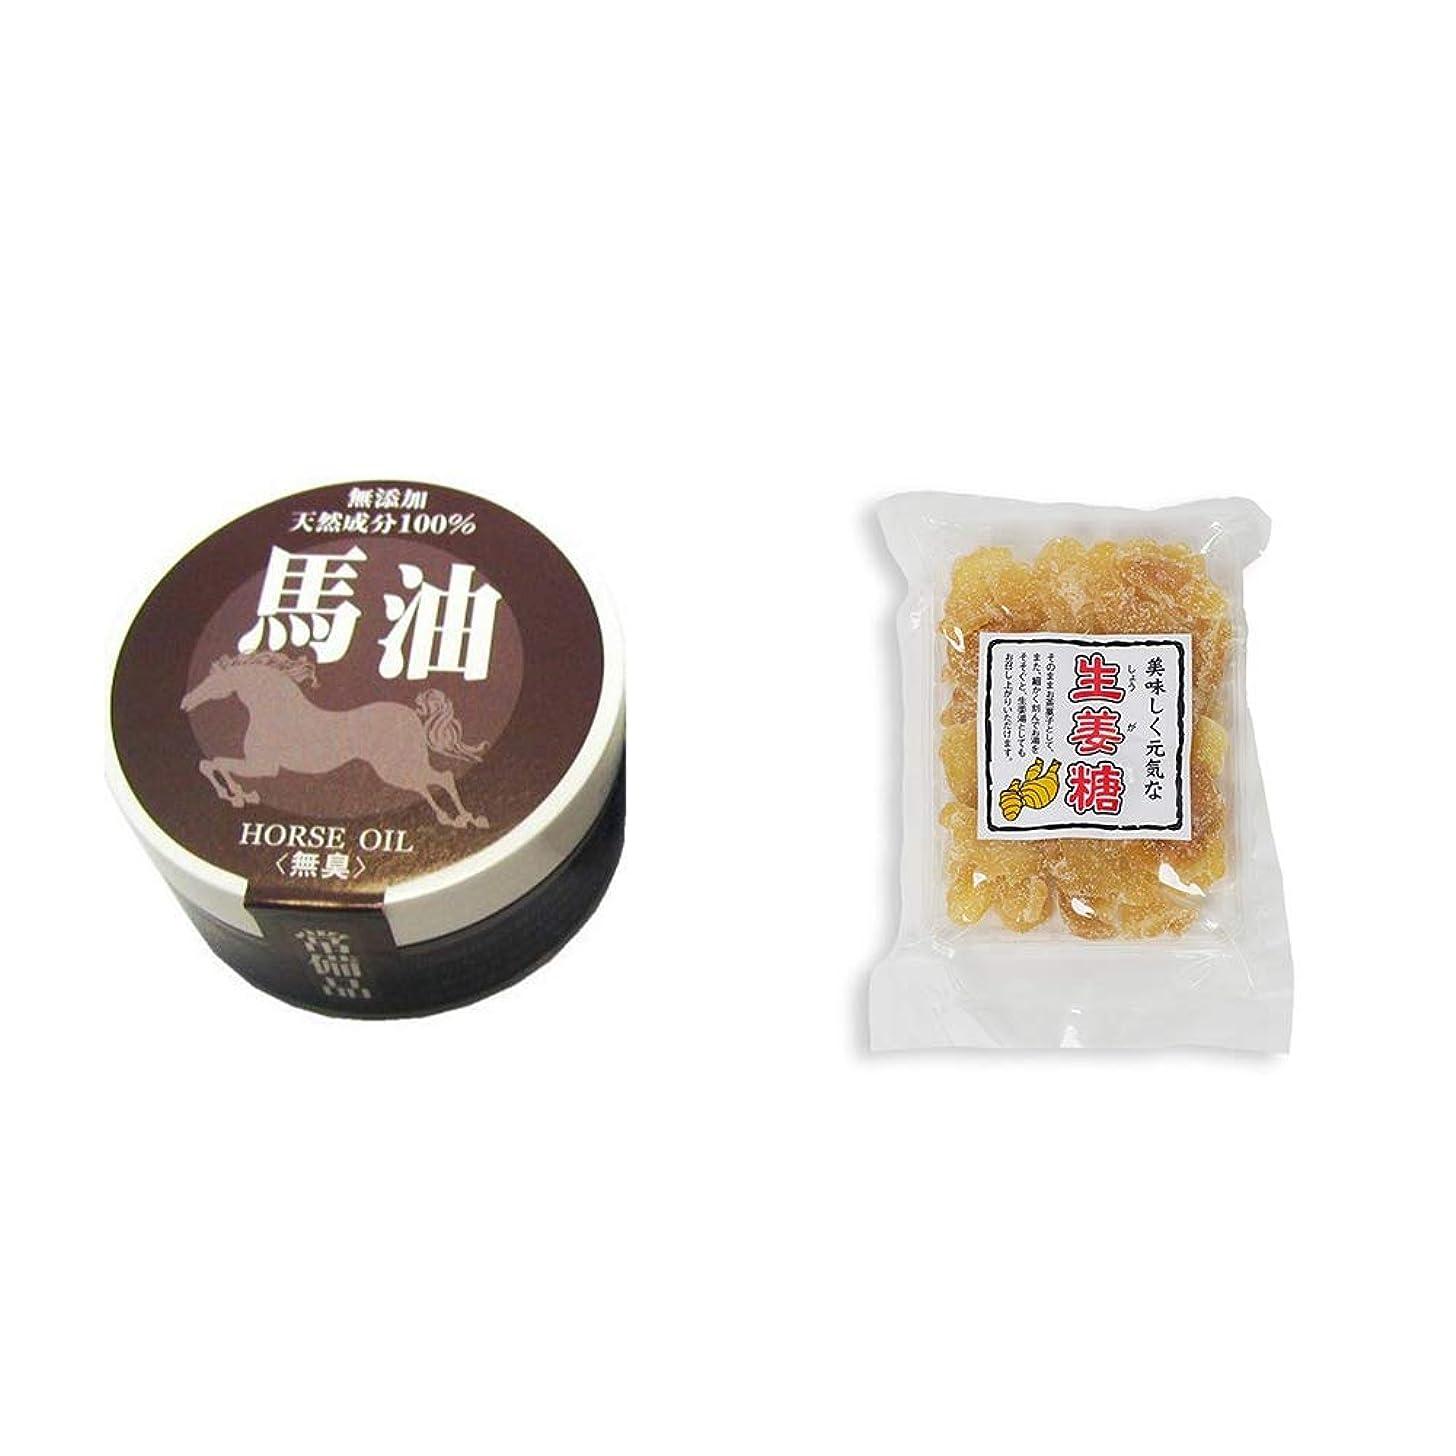 親捕虜論理[2点セット] 無添加天然成分100% 馬油[無香料](38g)?生姜糖(230g)